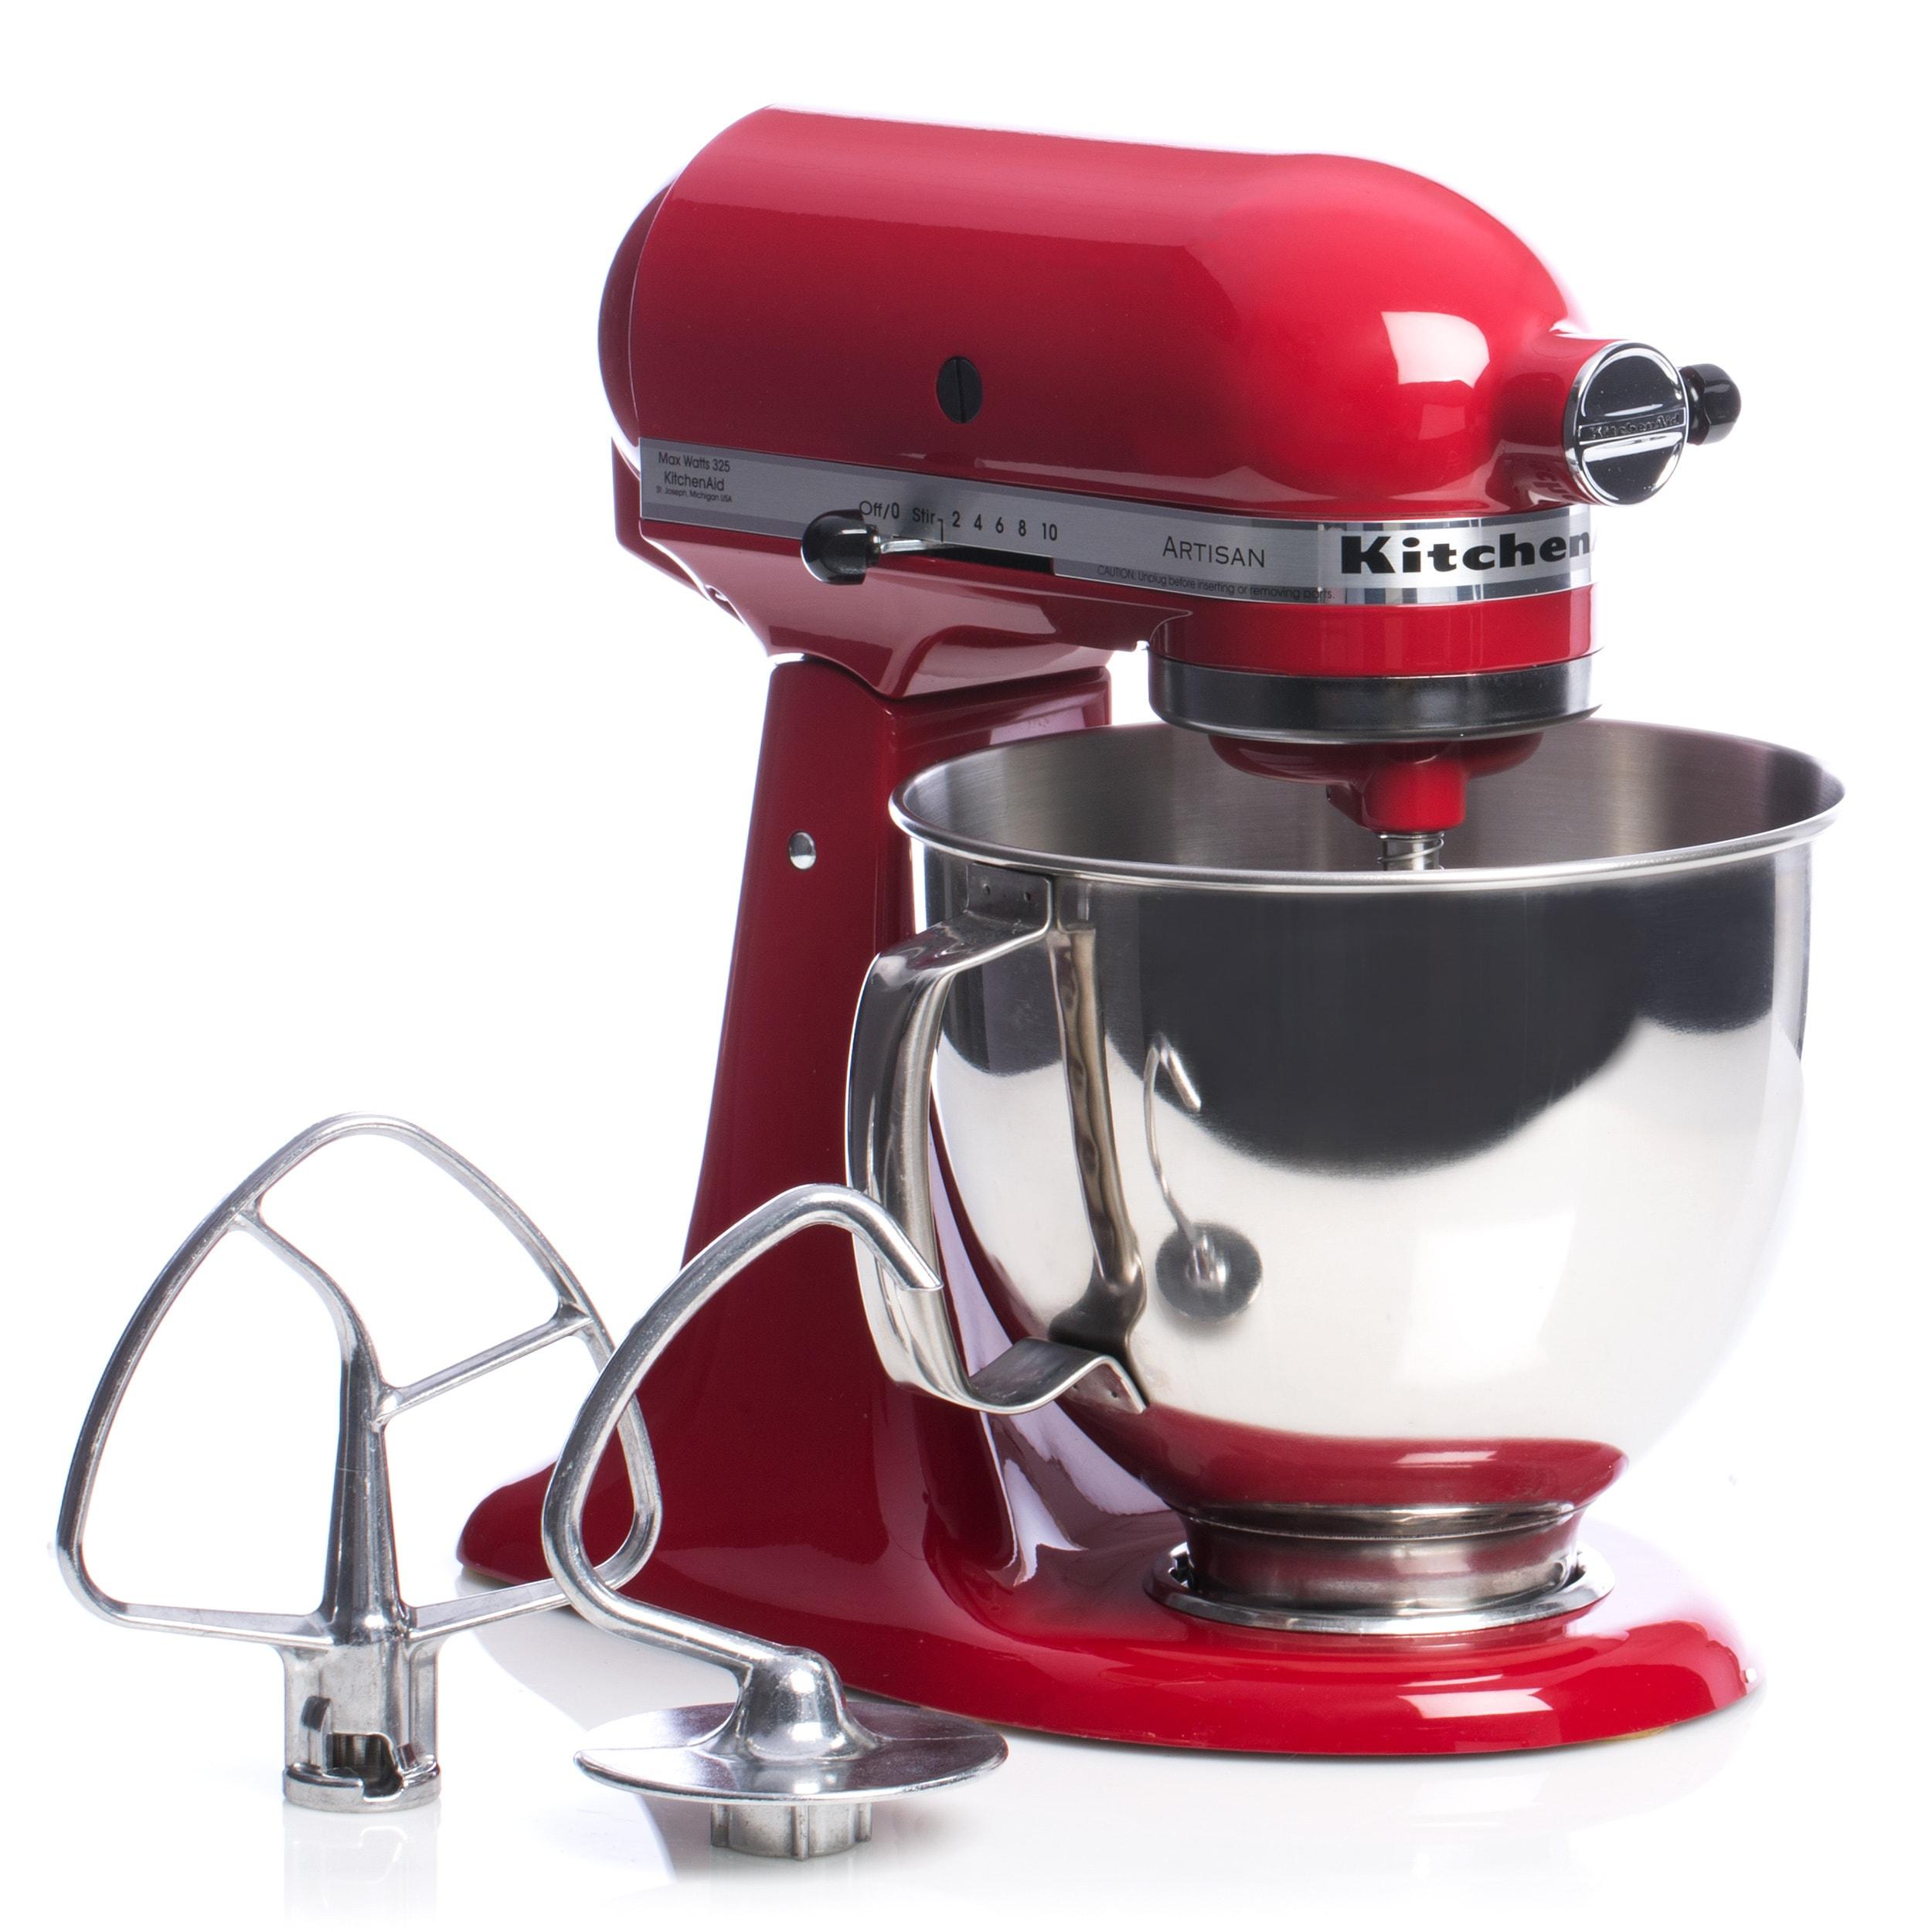 Kitchenaid 5 Qt 325 Watt Tilt Head Stand Mixer - Kitchen Appliances on kitchenette mixer, black mixer, delonghi mixer, tea mixer, banbury mixer, breville mixer, 4hp kemper mixer, wooden mixer, keurig mixer, wonder woman mixer, wolfgang puck mixer, magic chef mixer, moulinex masterchef mixer, berkel mixer, ge mixer, maytag mixer, krups mixer, logitech mixer, koflo mixer, hamilton beach mixer,